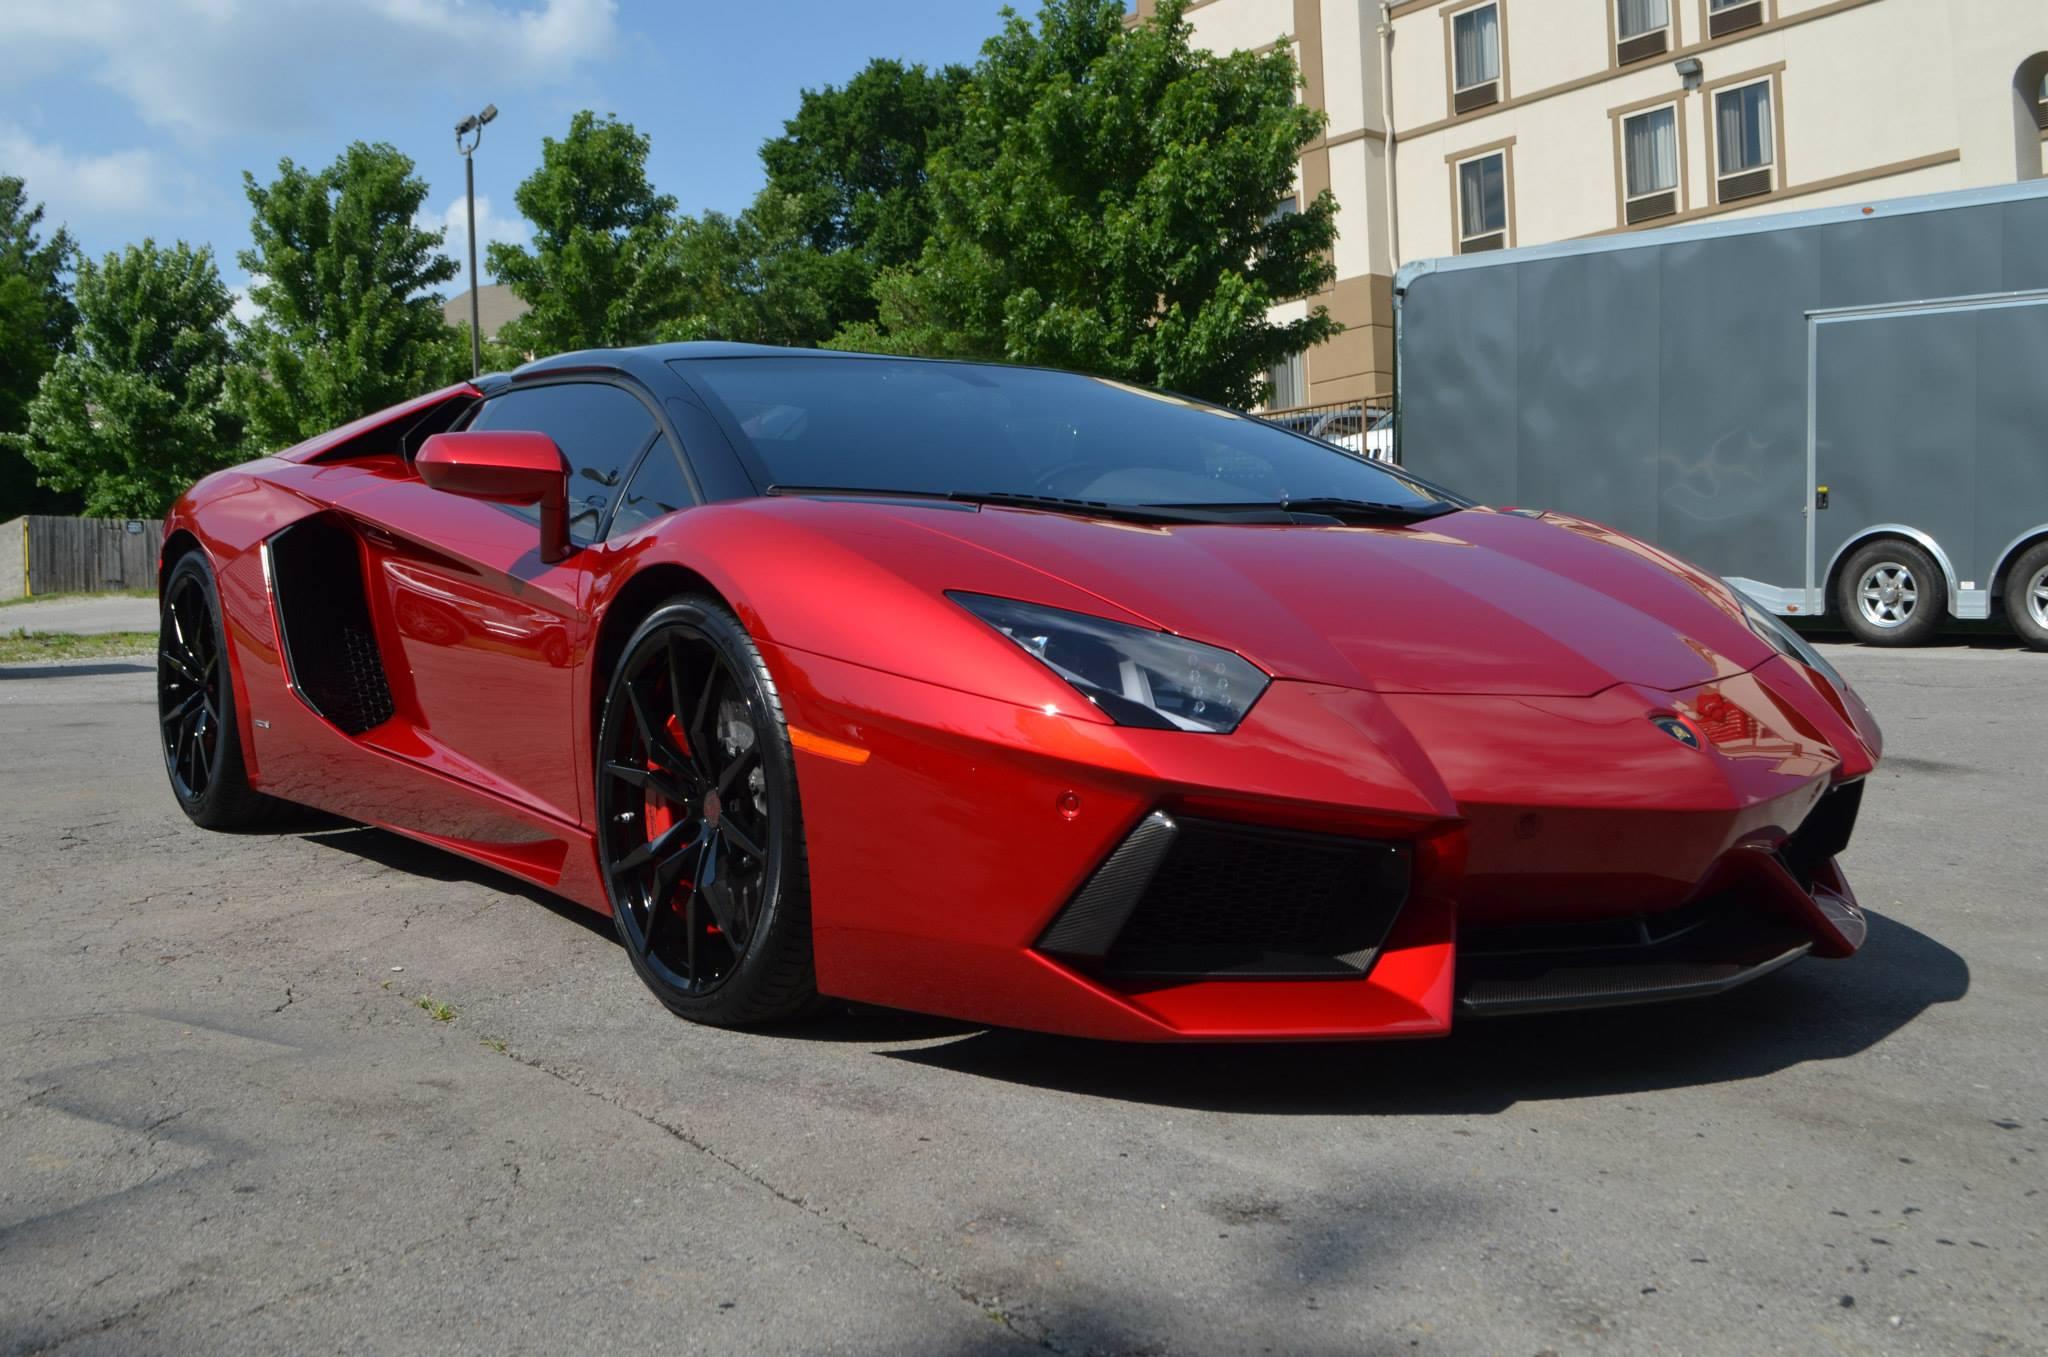 Lamborghini Aventador Coupe: CQ FINEST Reserve